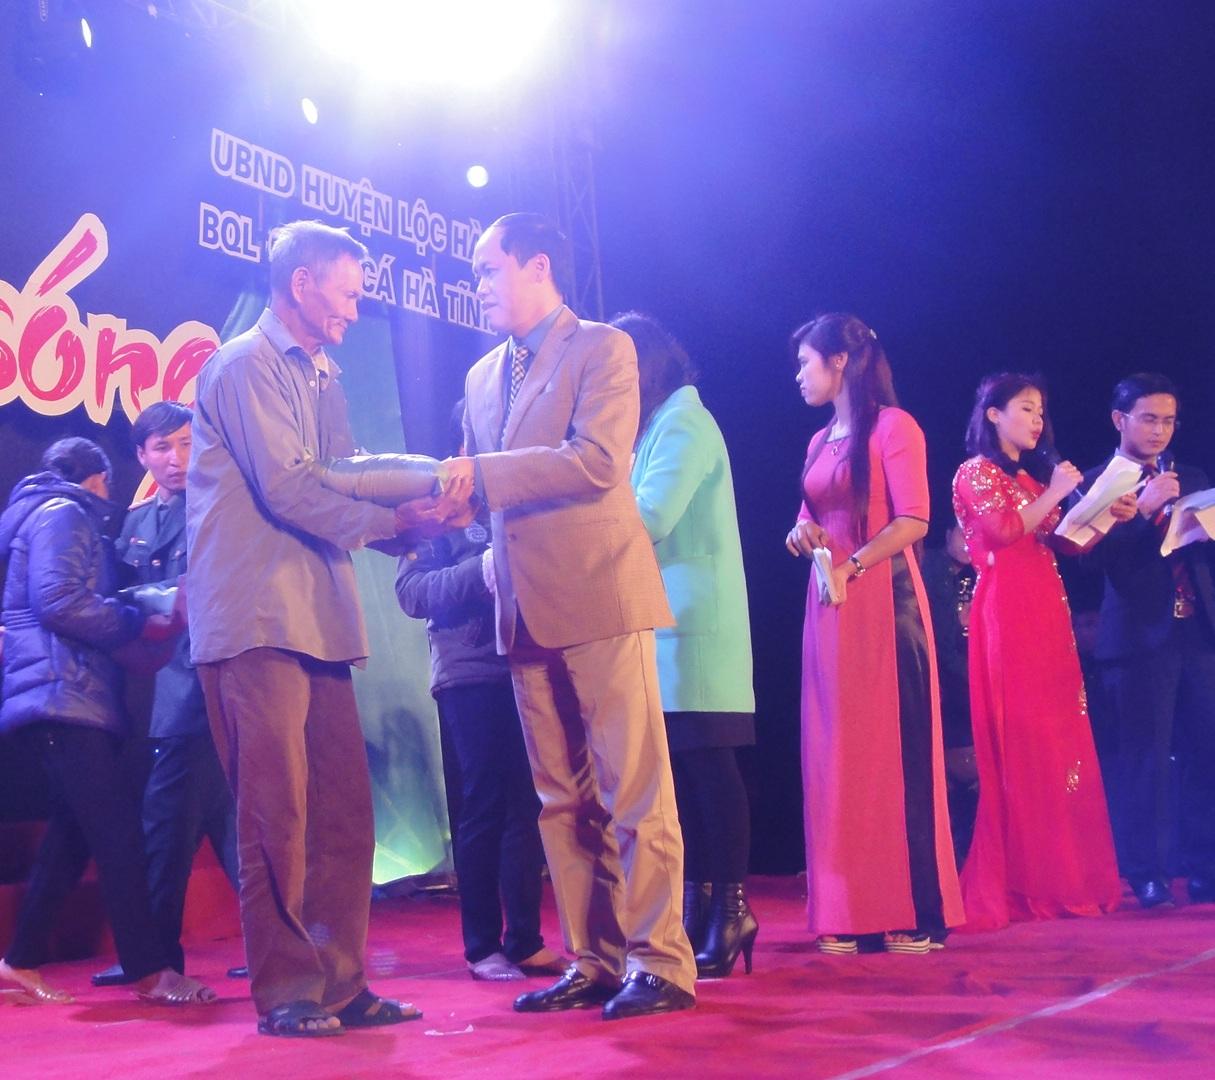 Đồng chí Nguyễn Hồng Lĩnh phó chủ tịch UBND tỉnh trao quà cho các ngư dân.